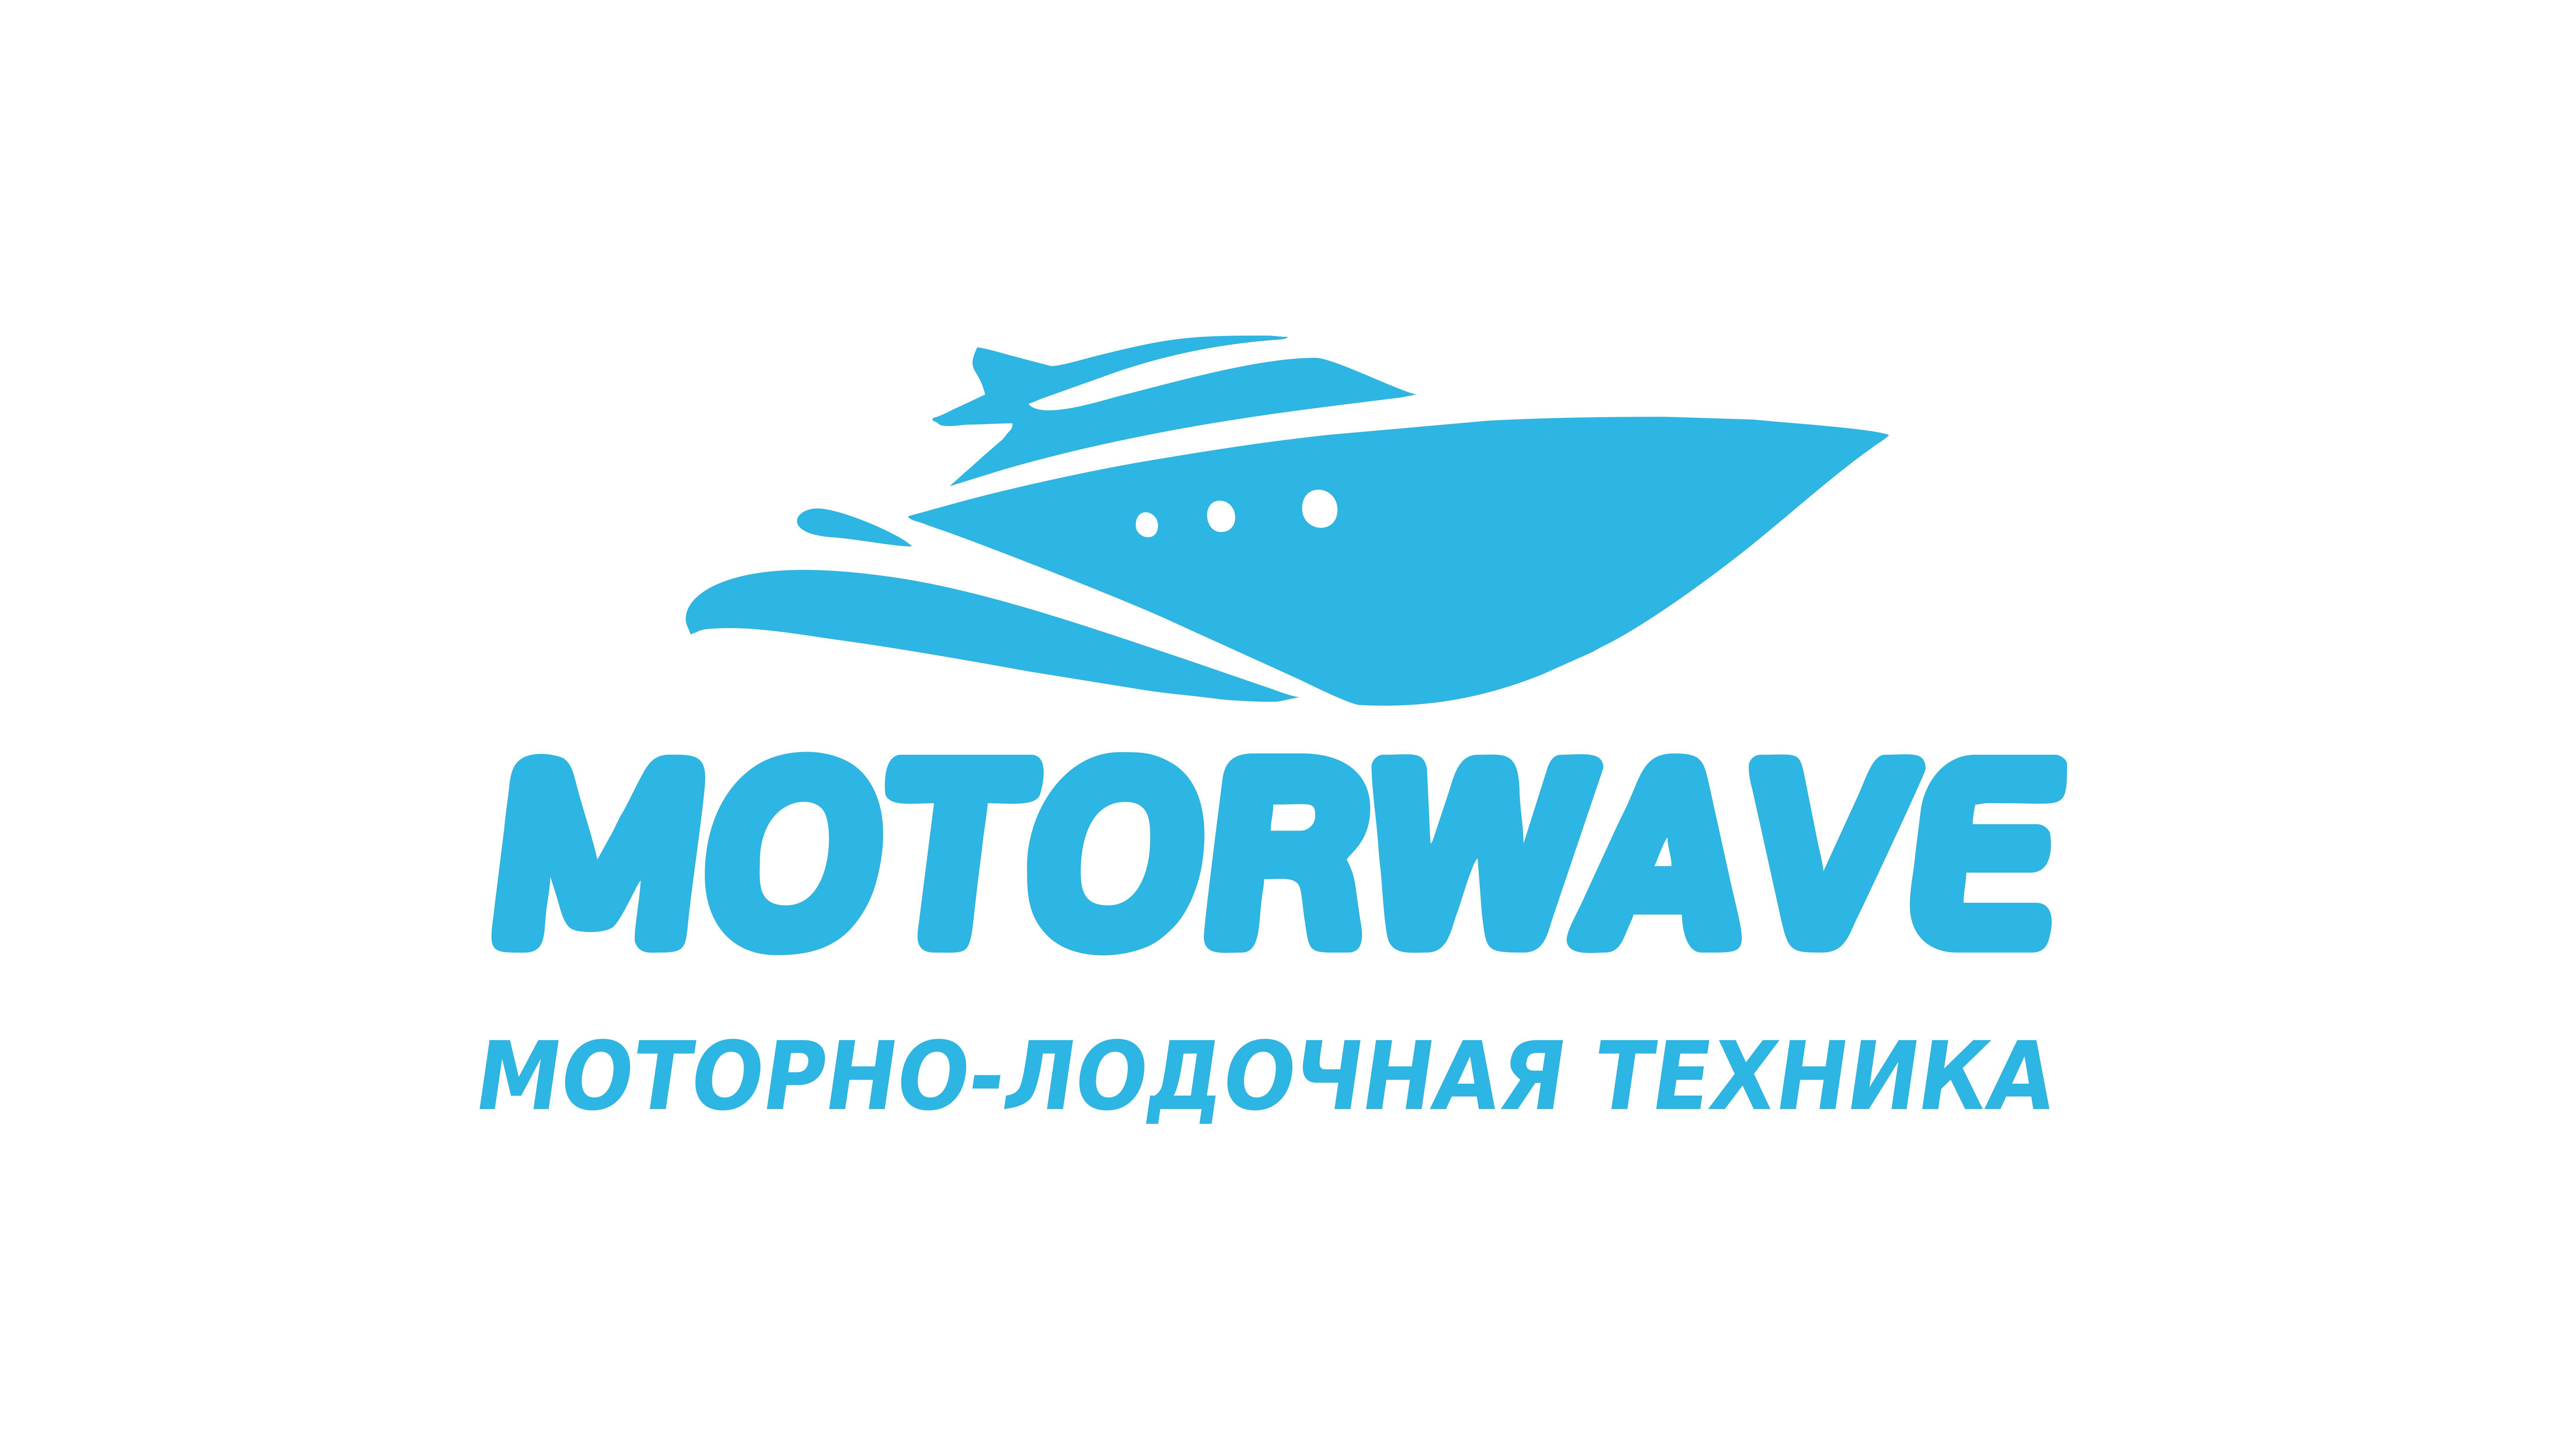 «MOTORWAVE.RU» – это специализированный магазин по продаже лодочно-моторной техники, а также профессионального оборудования и аксессуаров для Туризма и активного образа жизни.